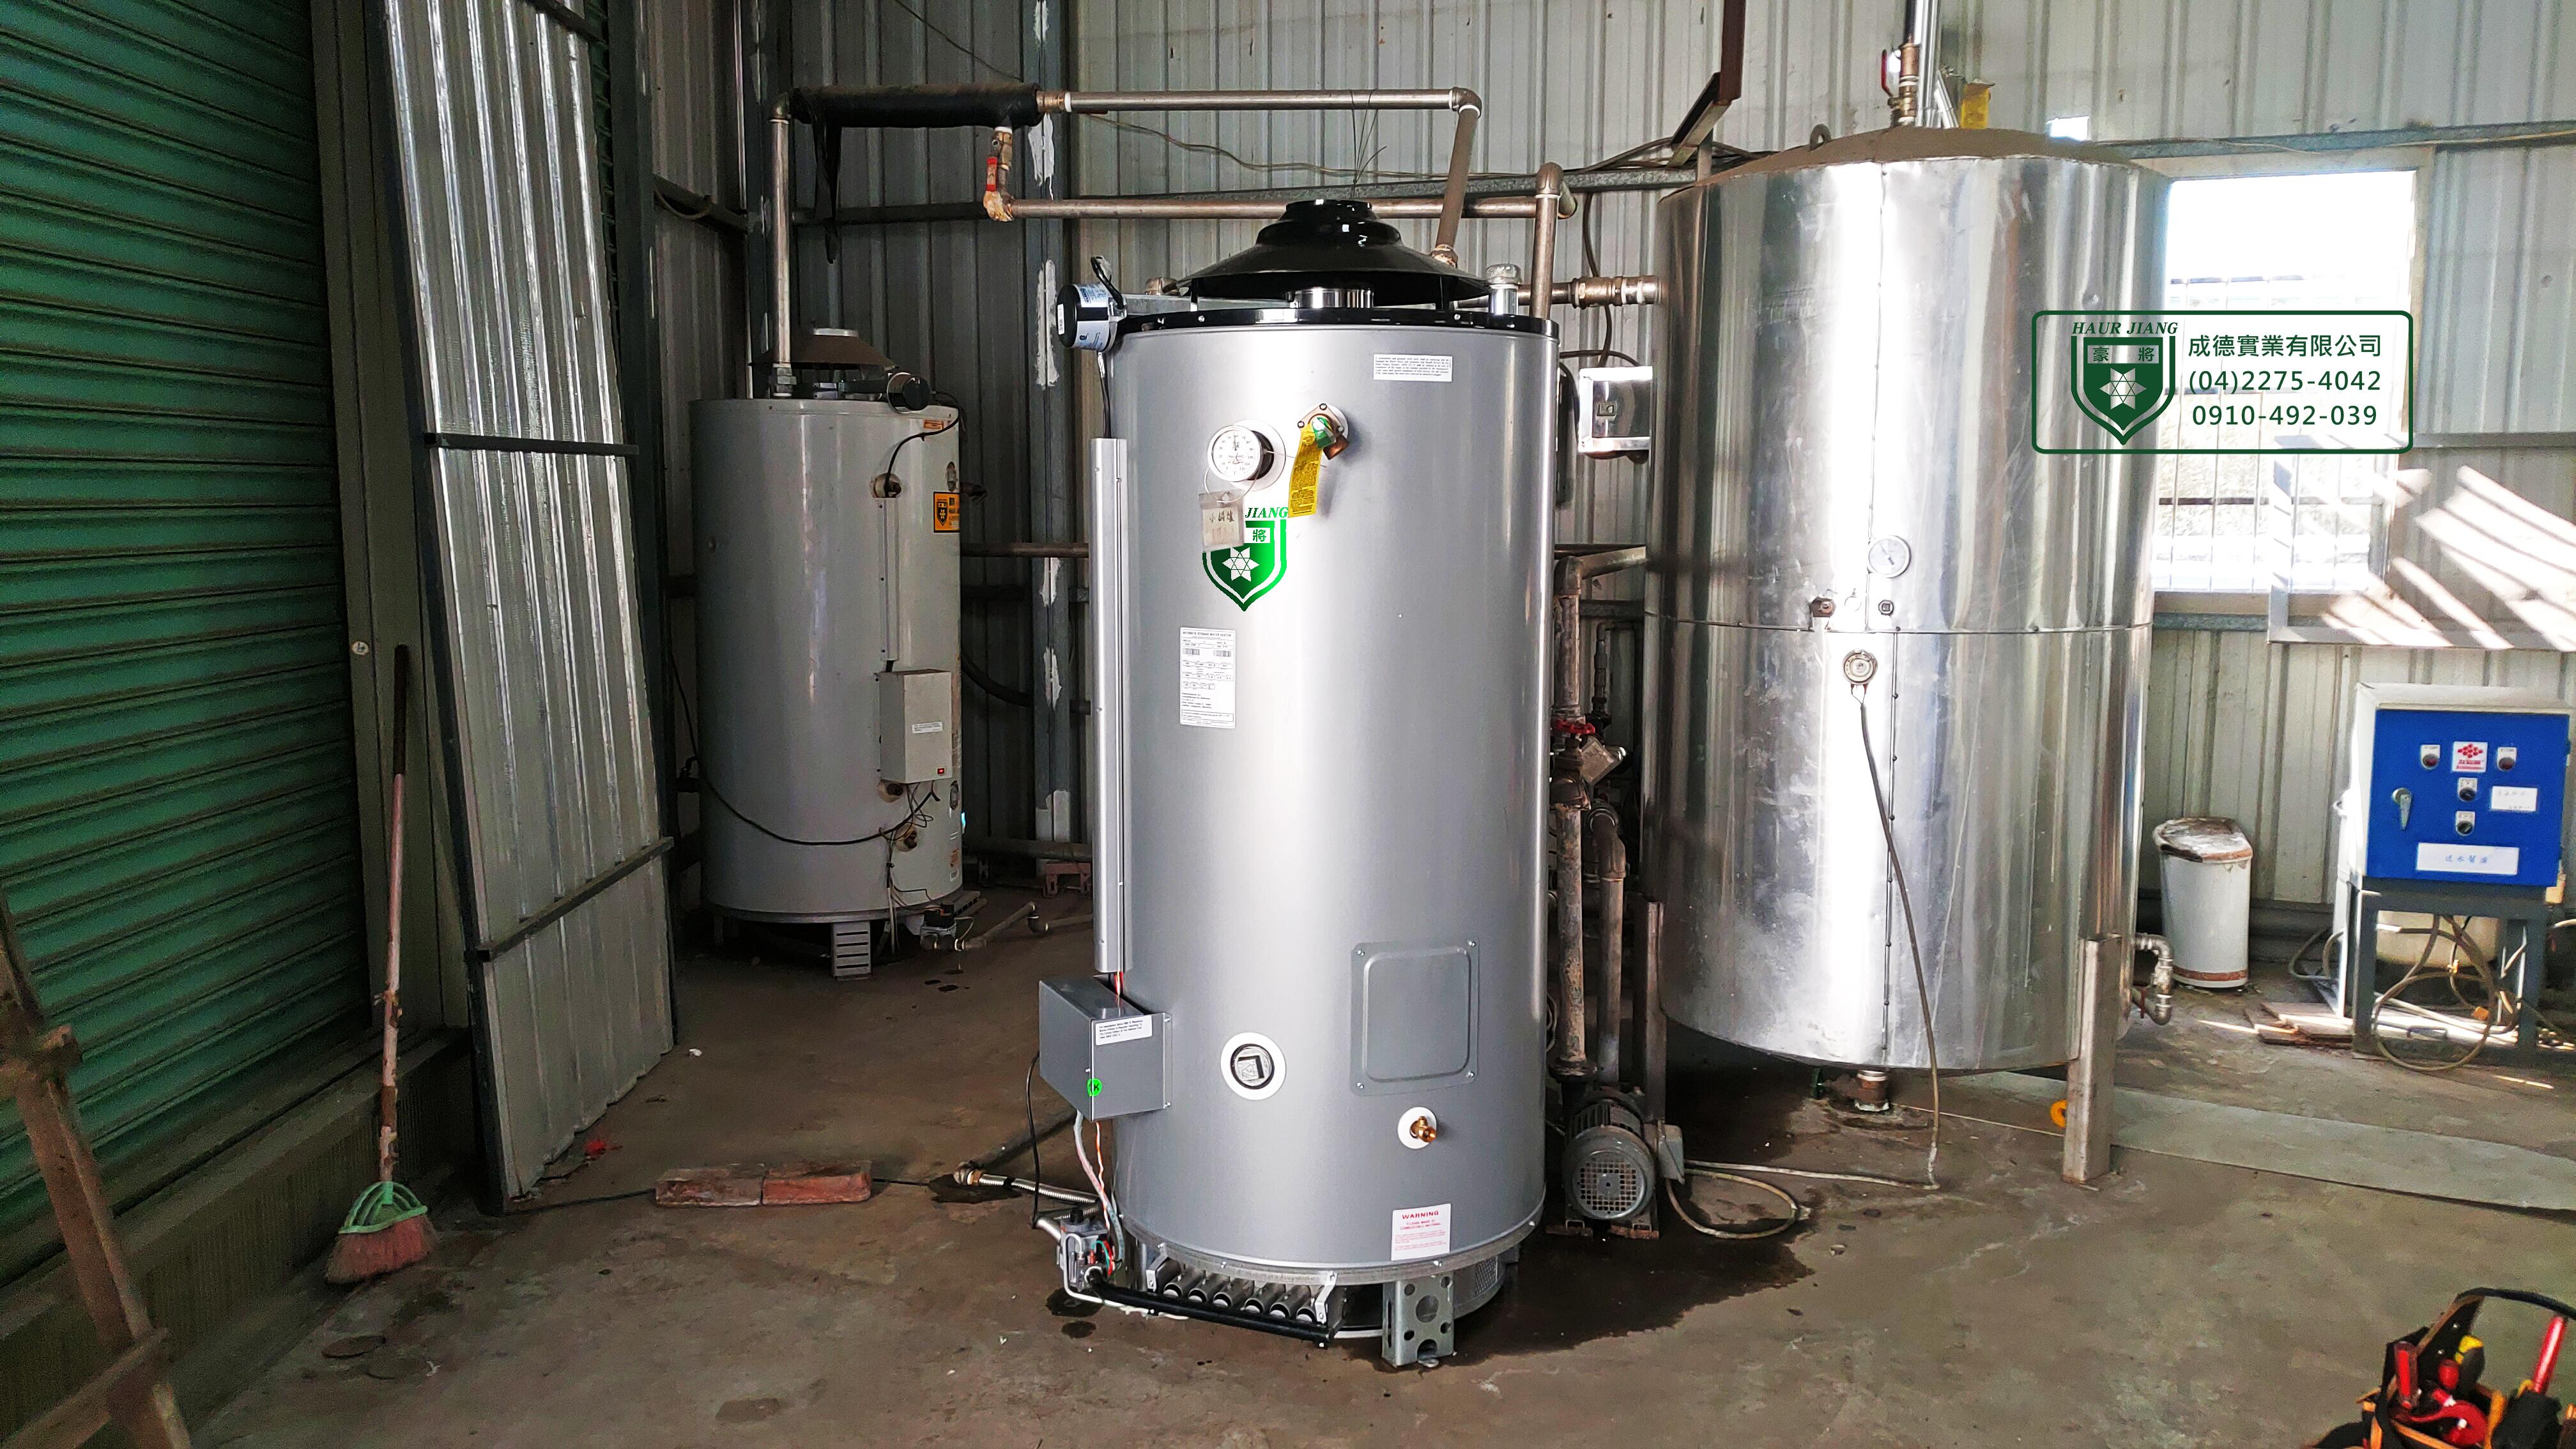 【雲林-旅館】使用超過20年銅管式鍋爐舊換新工程